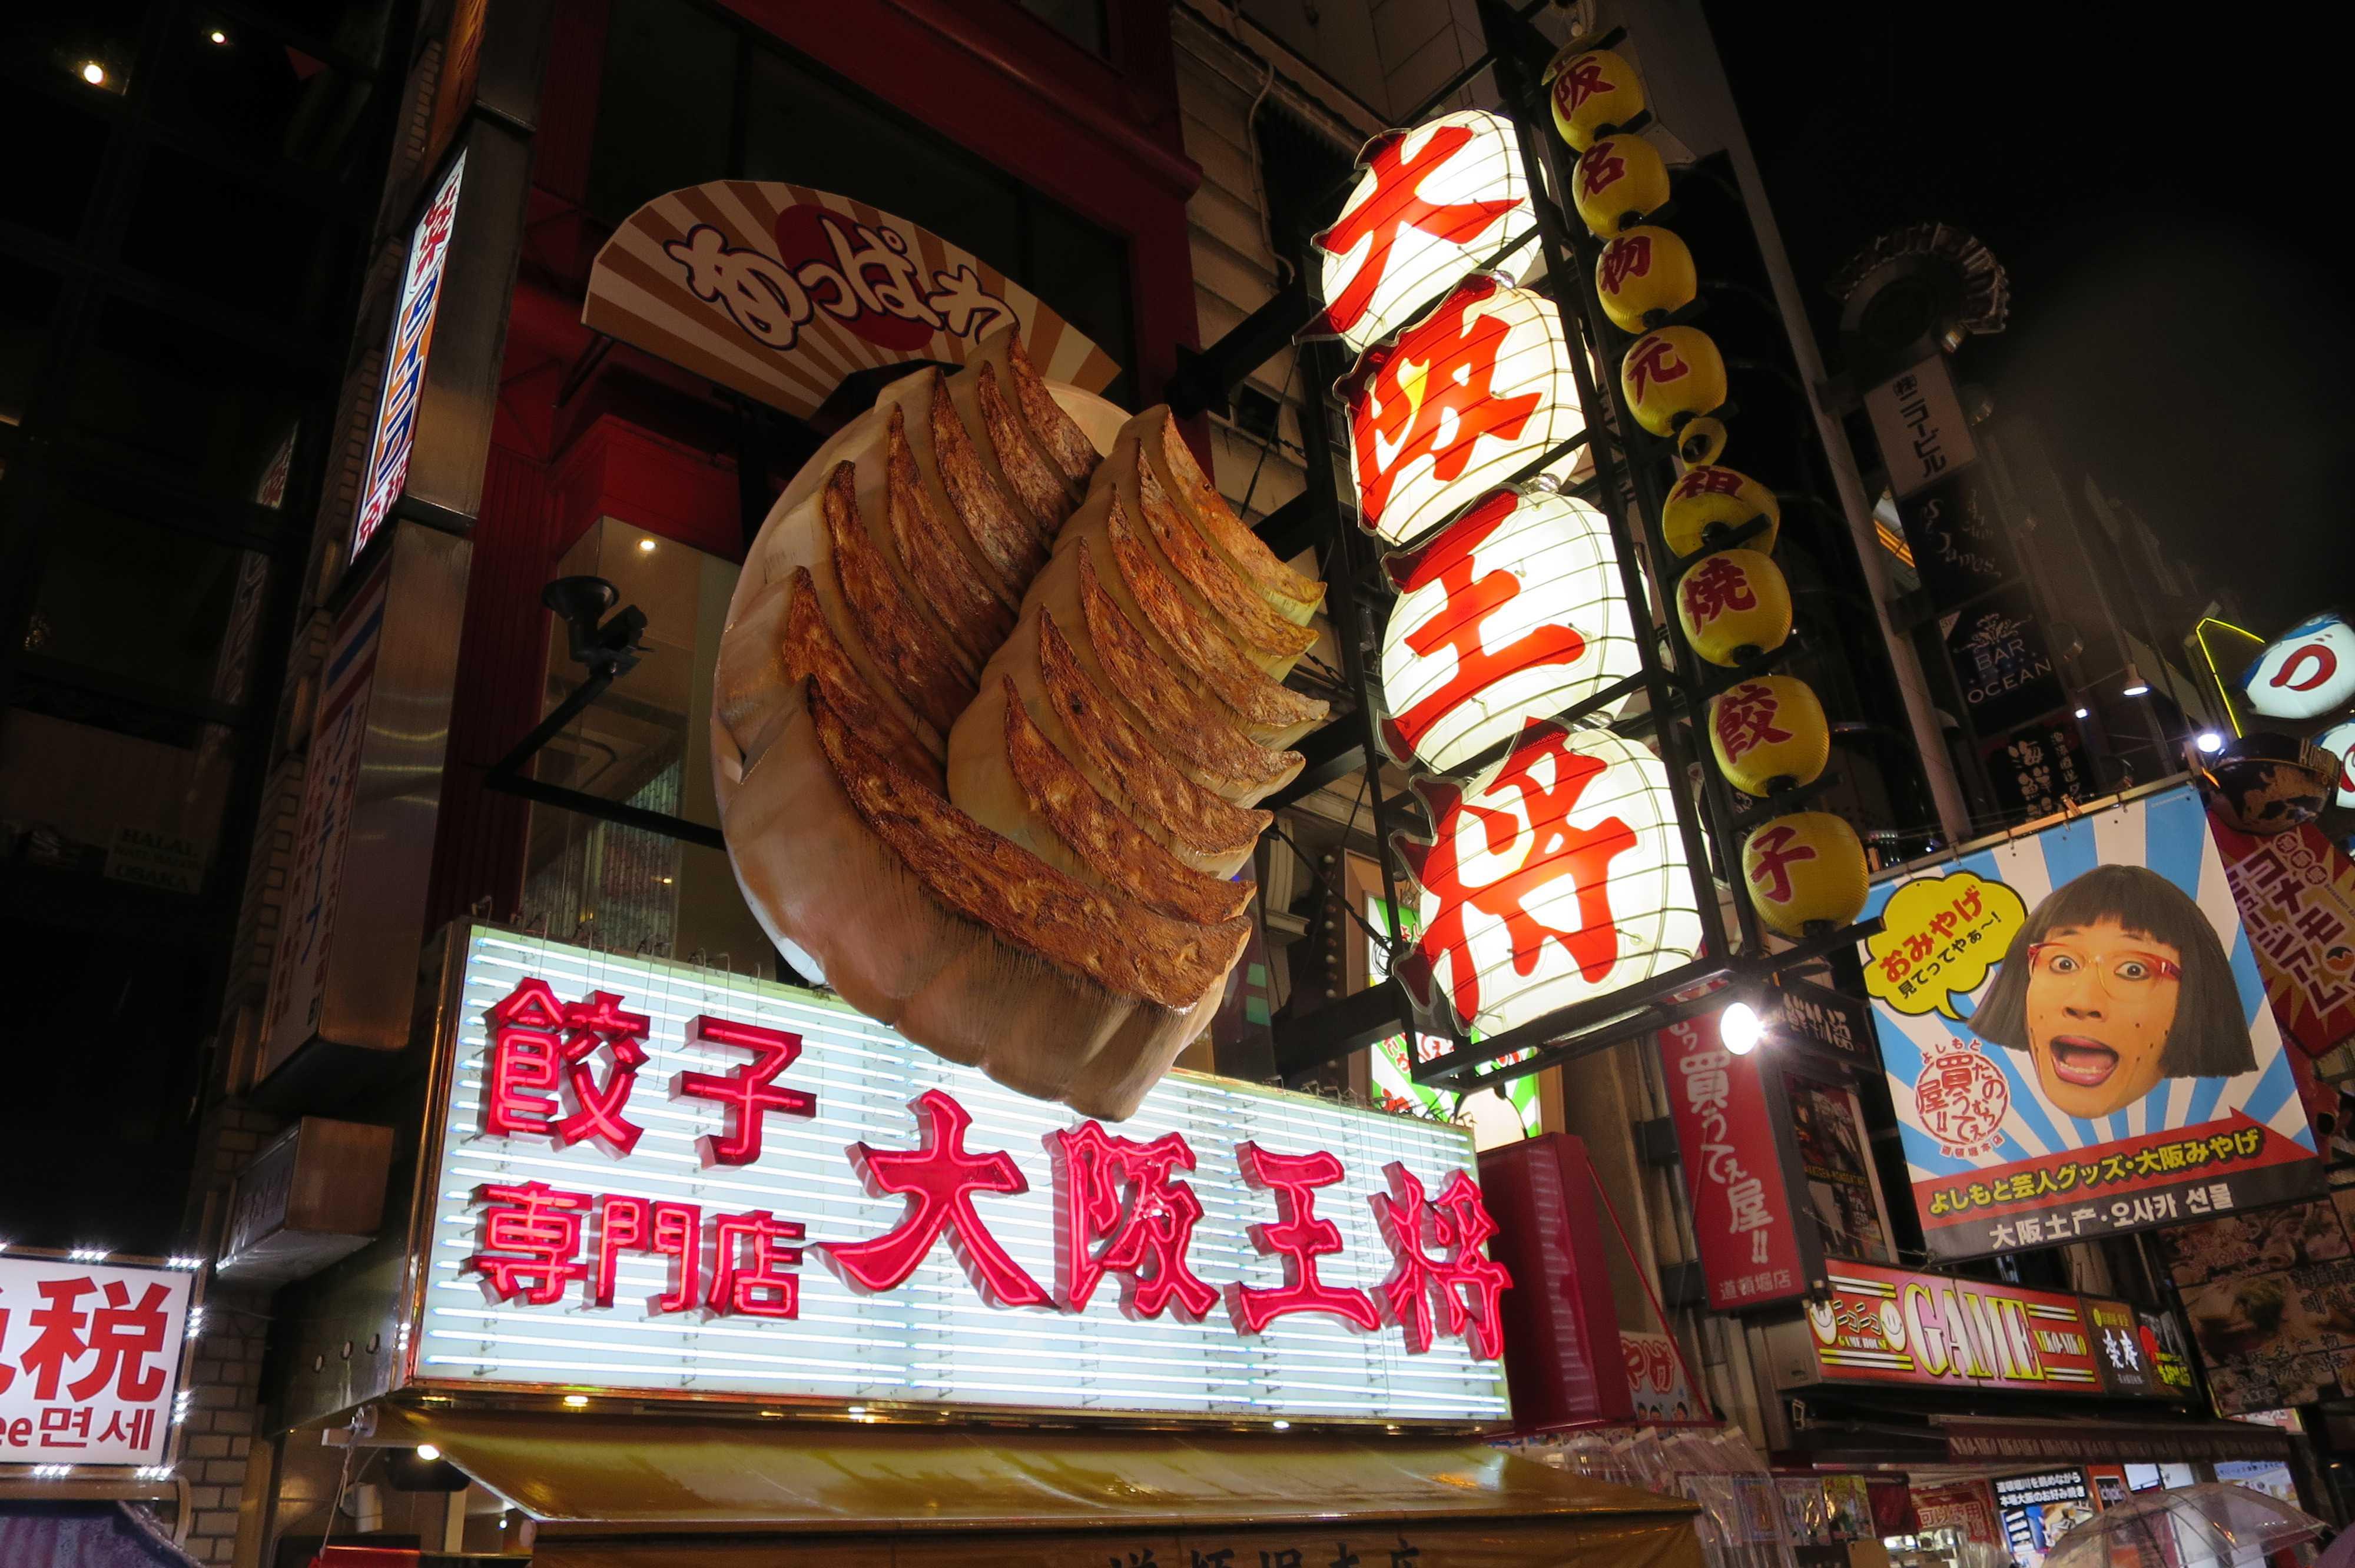 大阪王将の焼き餃子の巨大オブジェ - 大阪・道頓堀